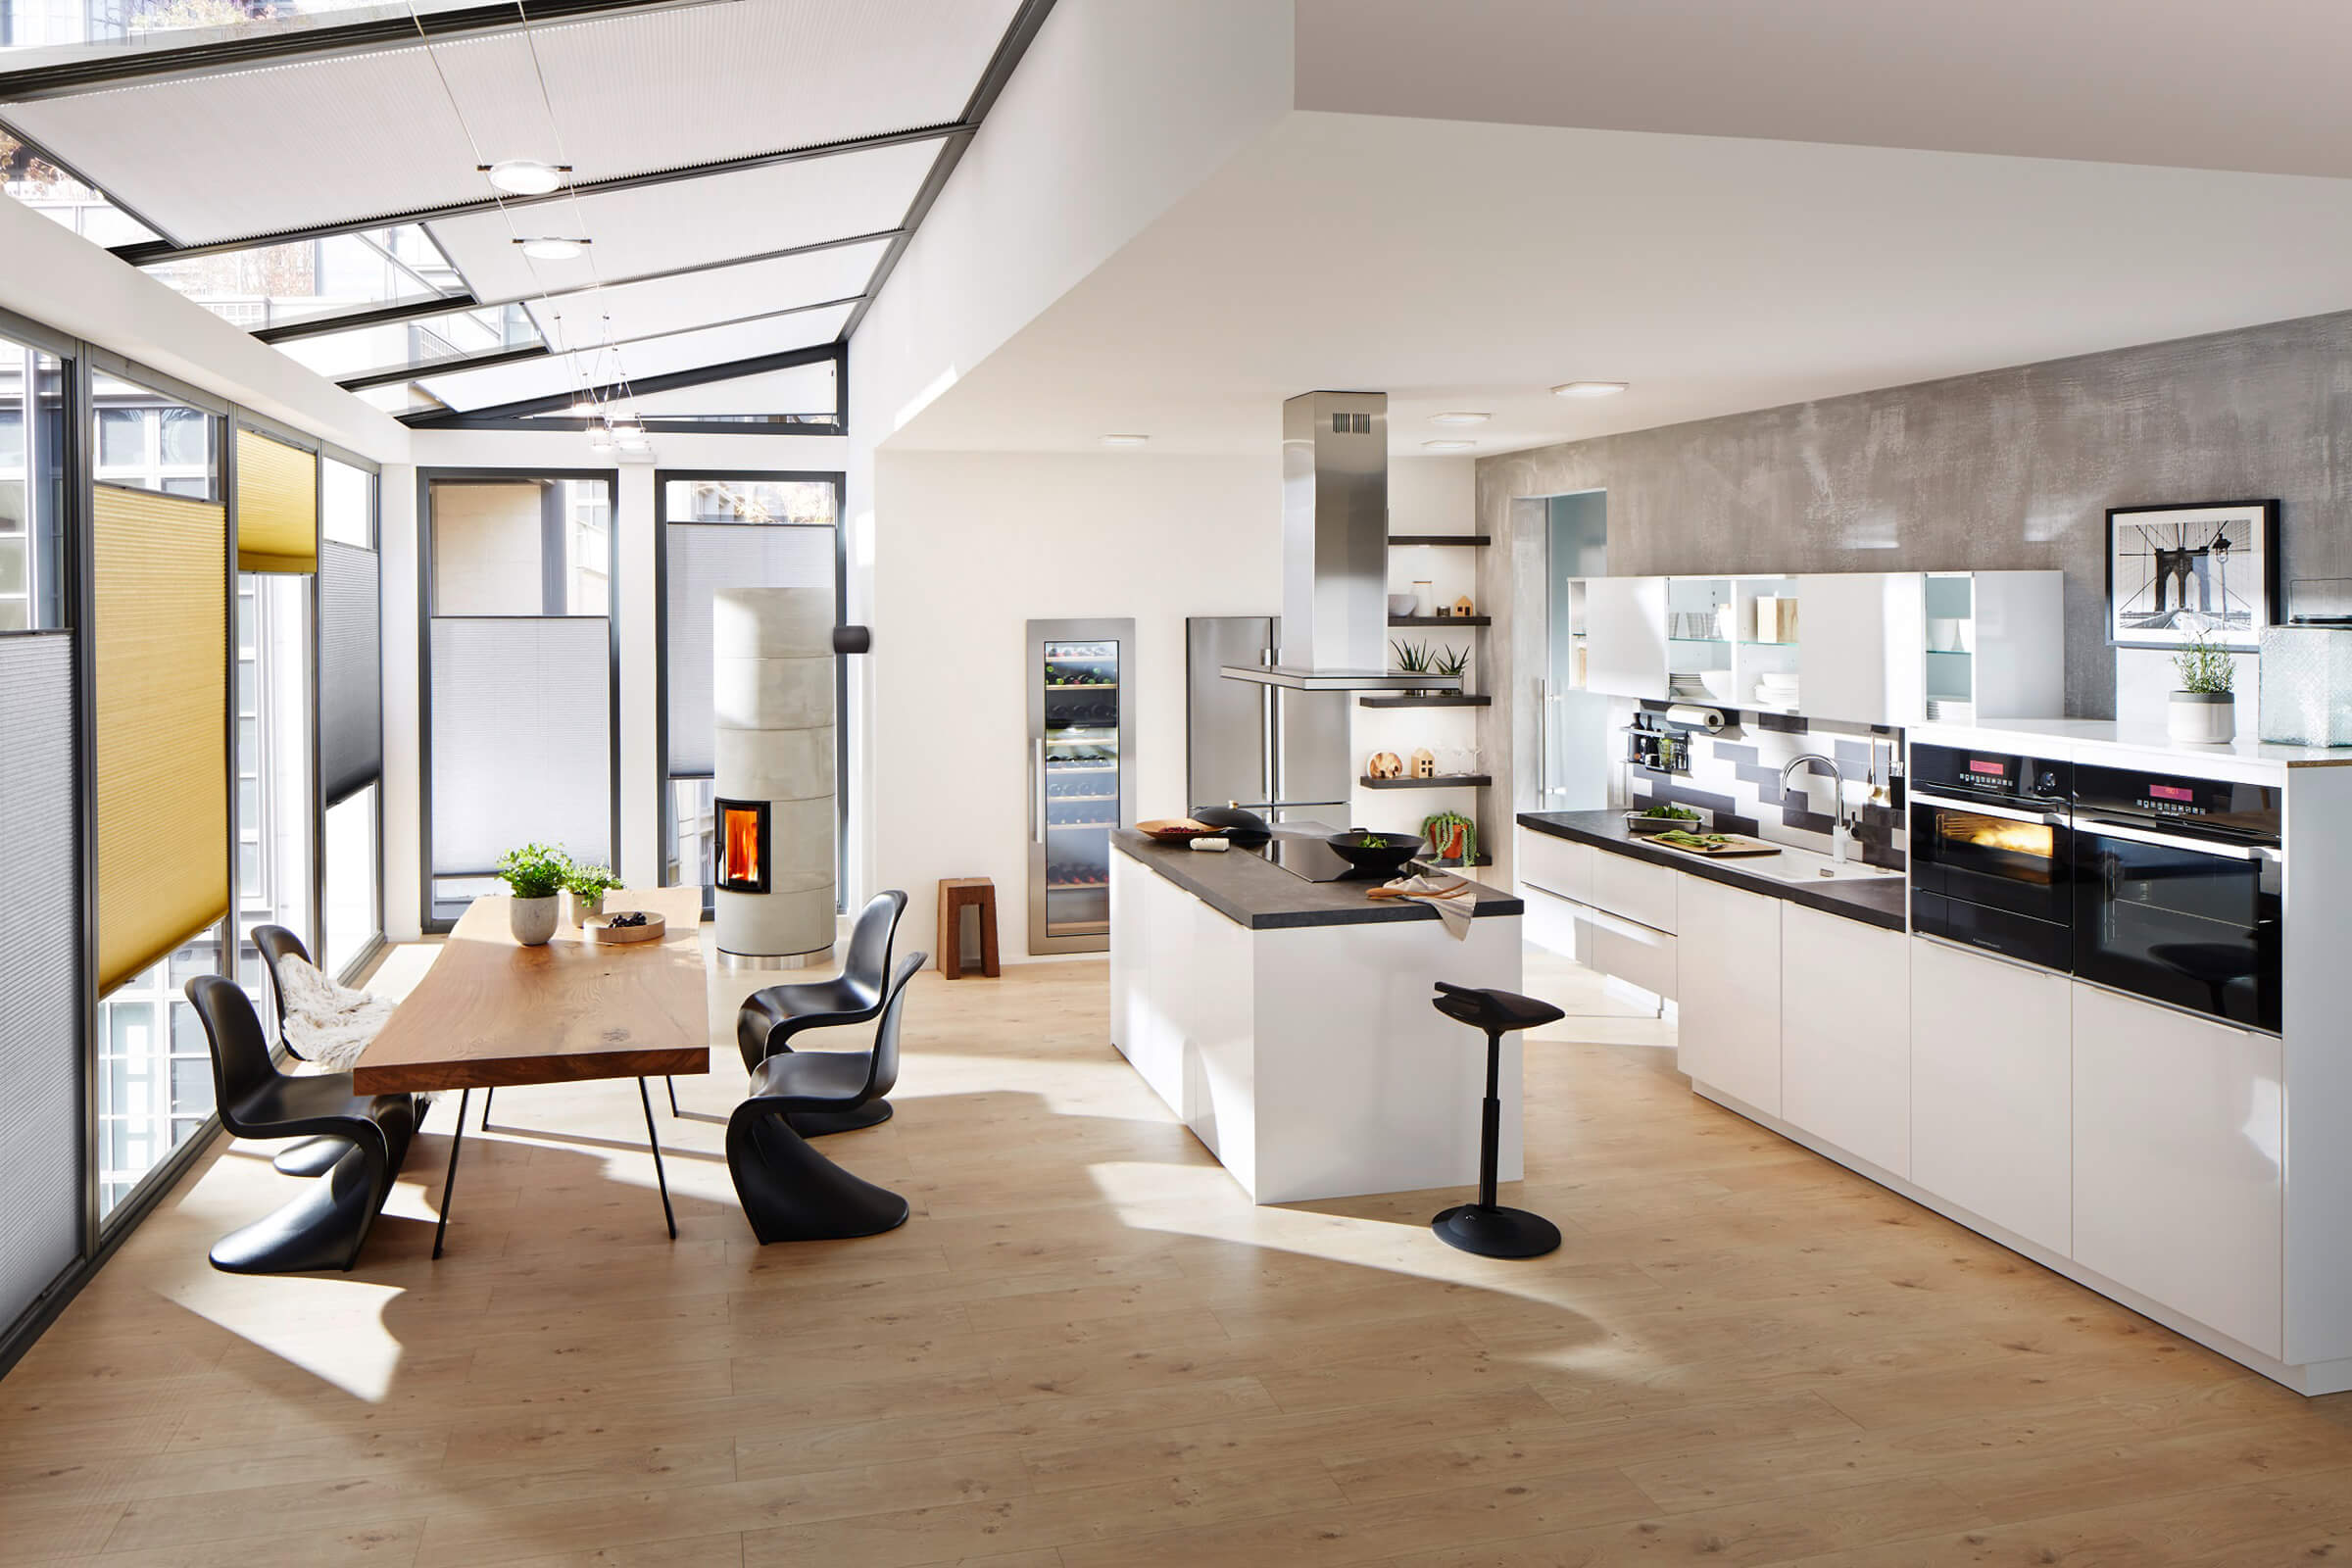 duette wabenplissee exklusiver licht sicht und sonnenschutz. Black Bedroom Furniture Sets. Home Design Ideas